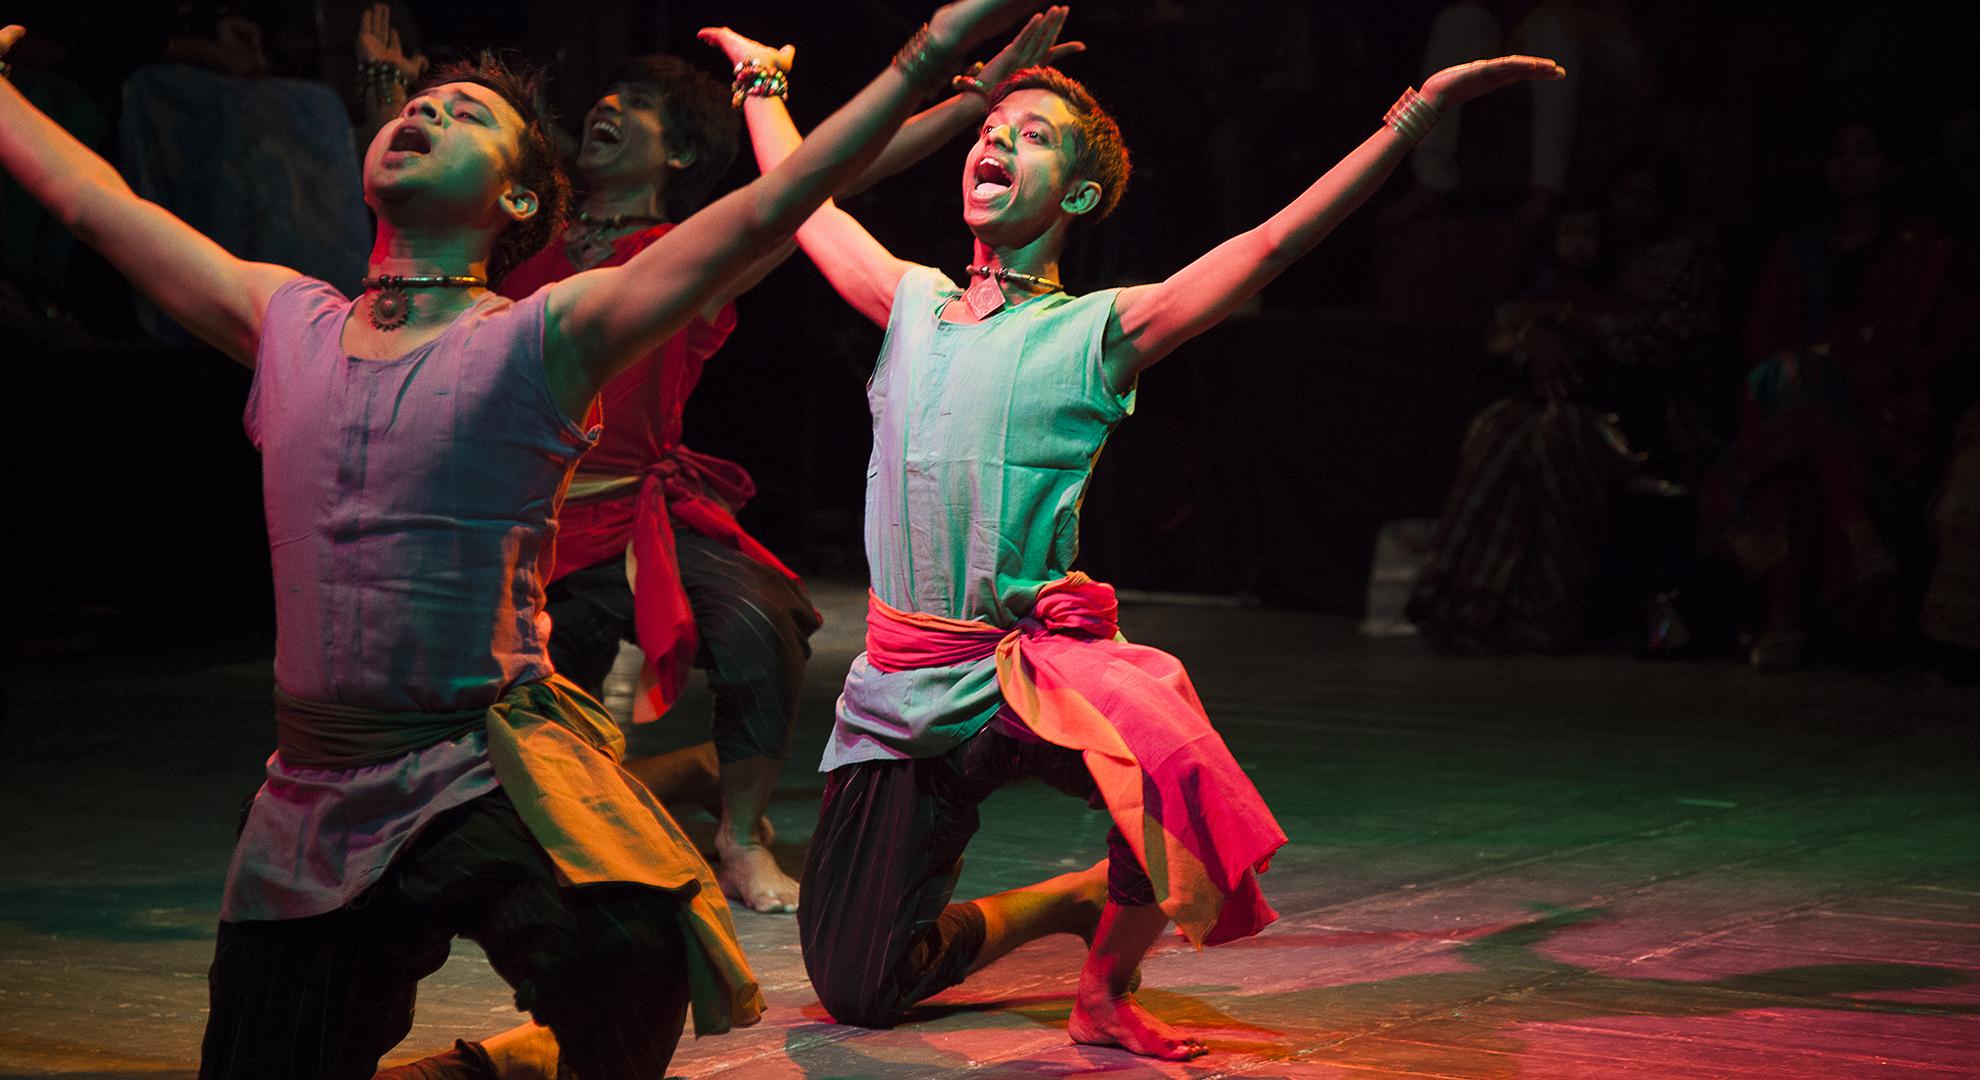 Hanif-performing.jpg